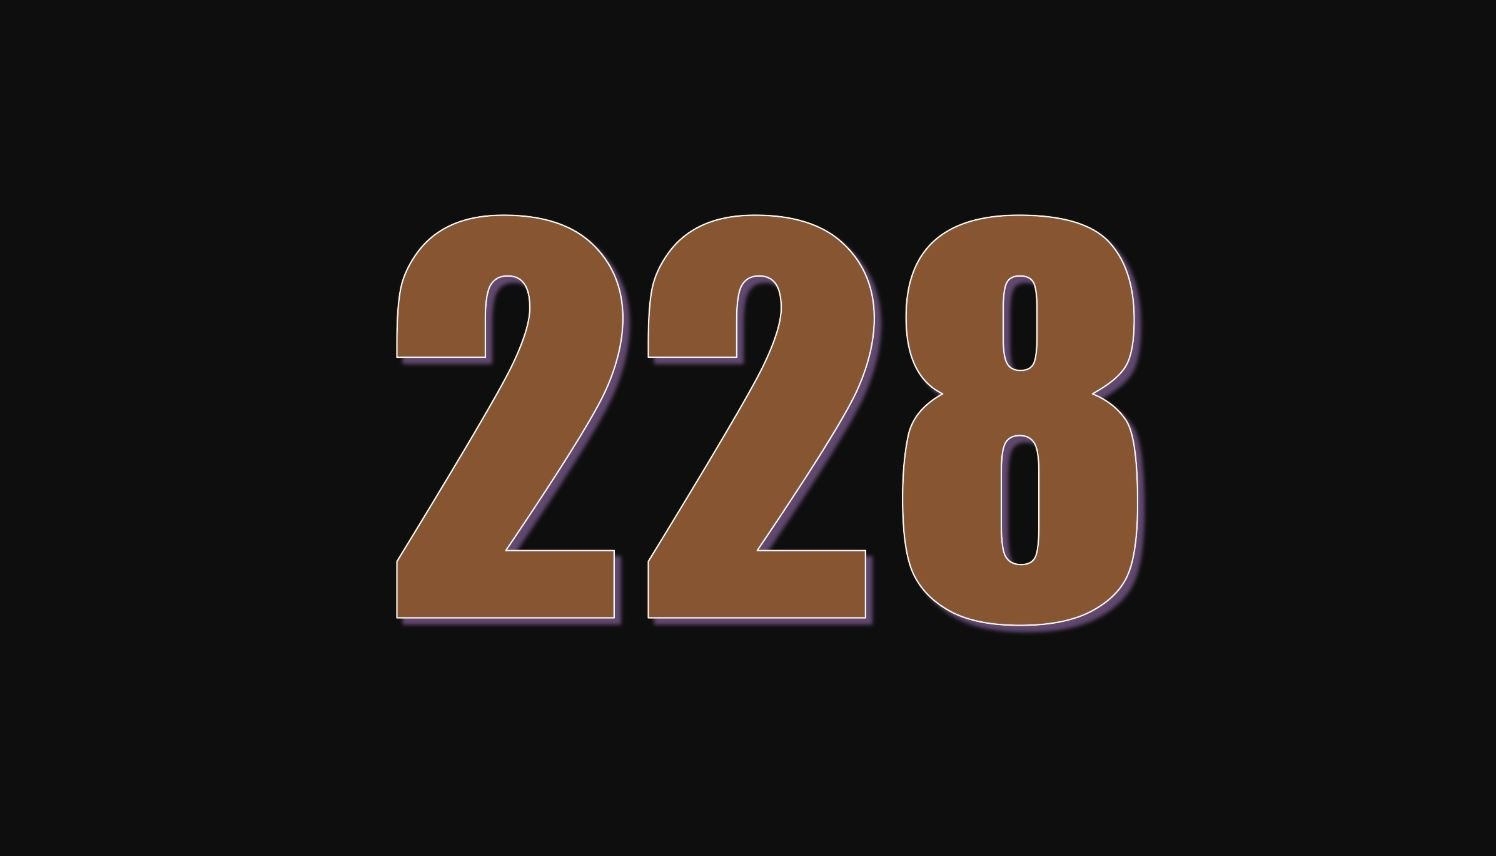 Il significato del numero 228